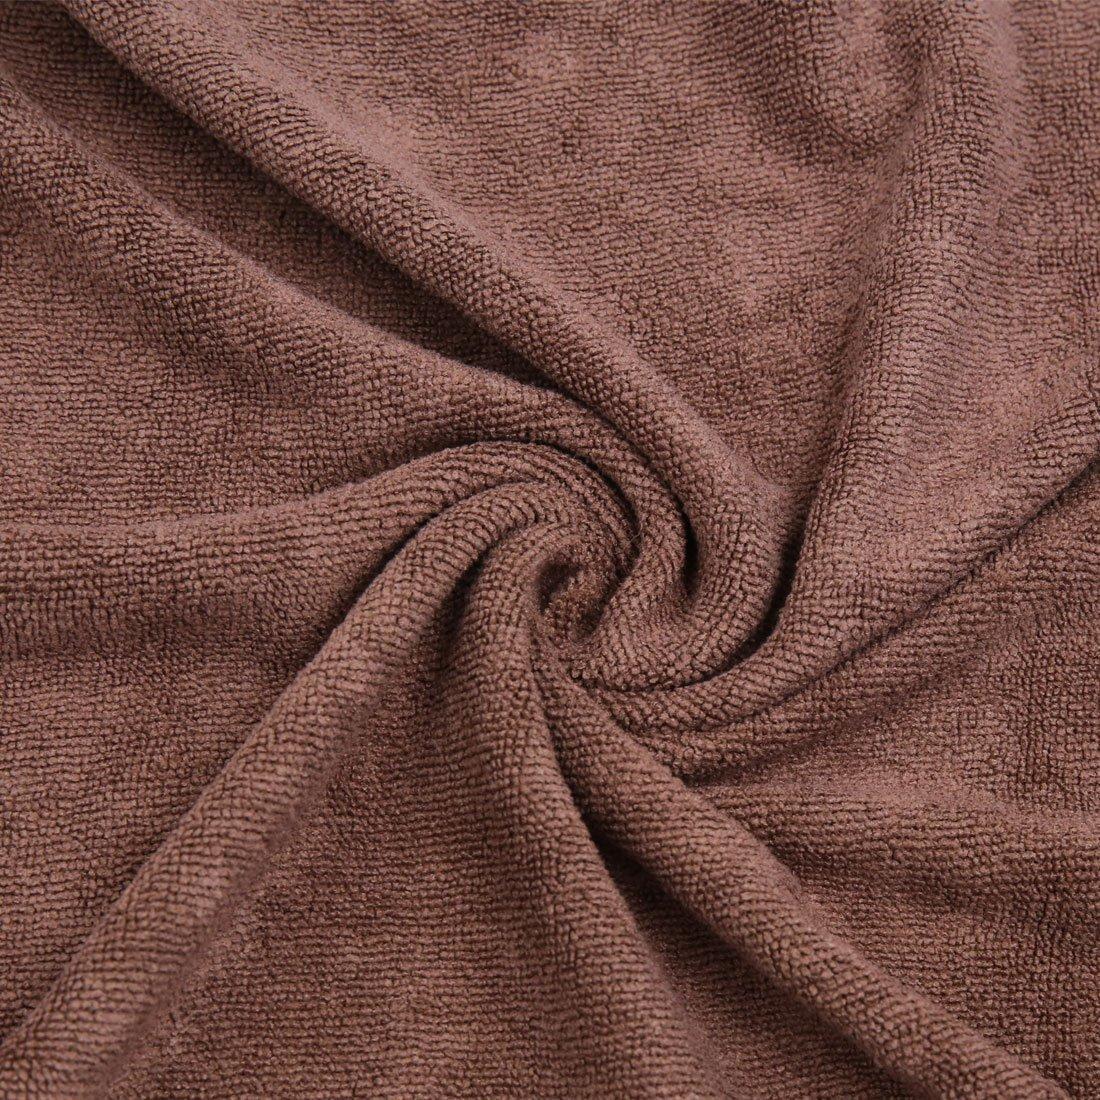 Amazon.com: eDealMax 2pcs púrpura del café del coche del Color Pulido paño de limpieza de Lavado de toallas 33cm x 65cm: Automotive